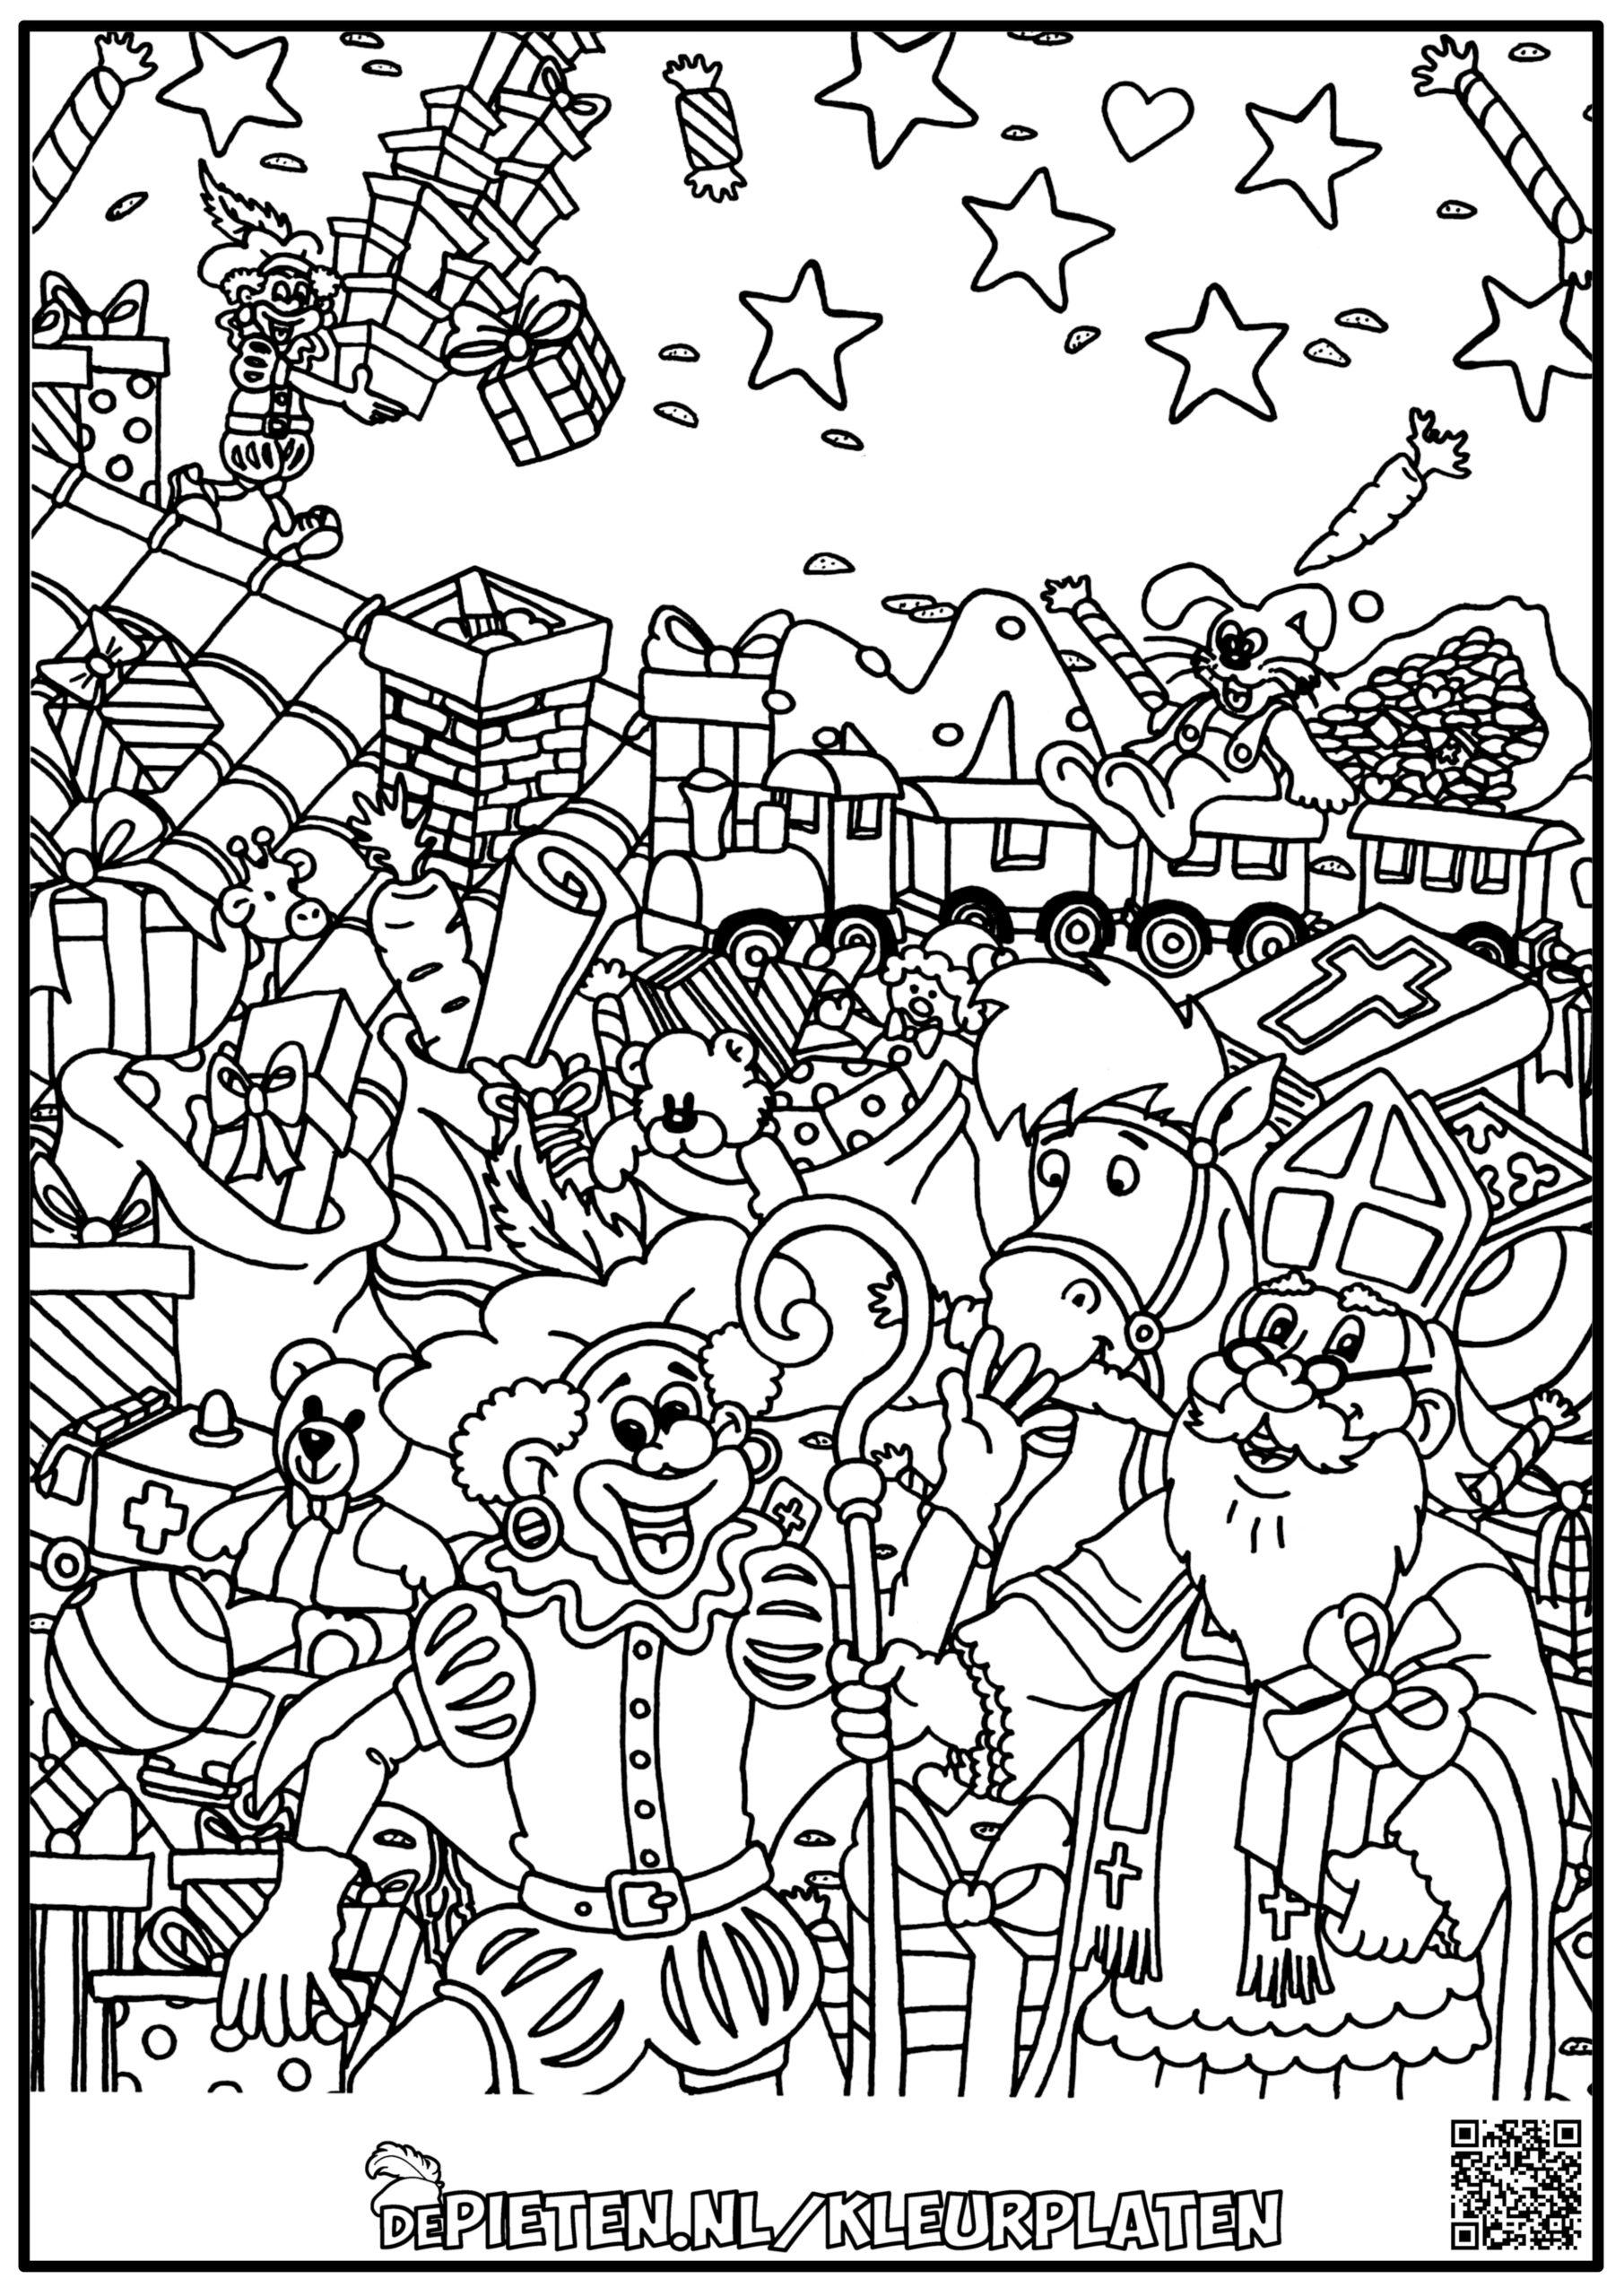 depieten.nl-Kleurplaten-kleuren-Sinterklaas-en-de-pieten-kleuren-voor-volwassenen-moeilijke-kleurplaat